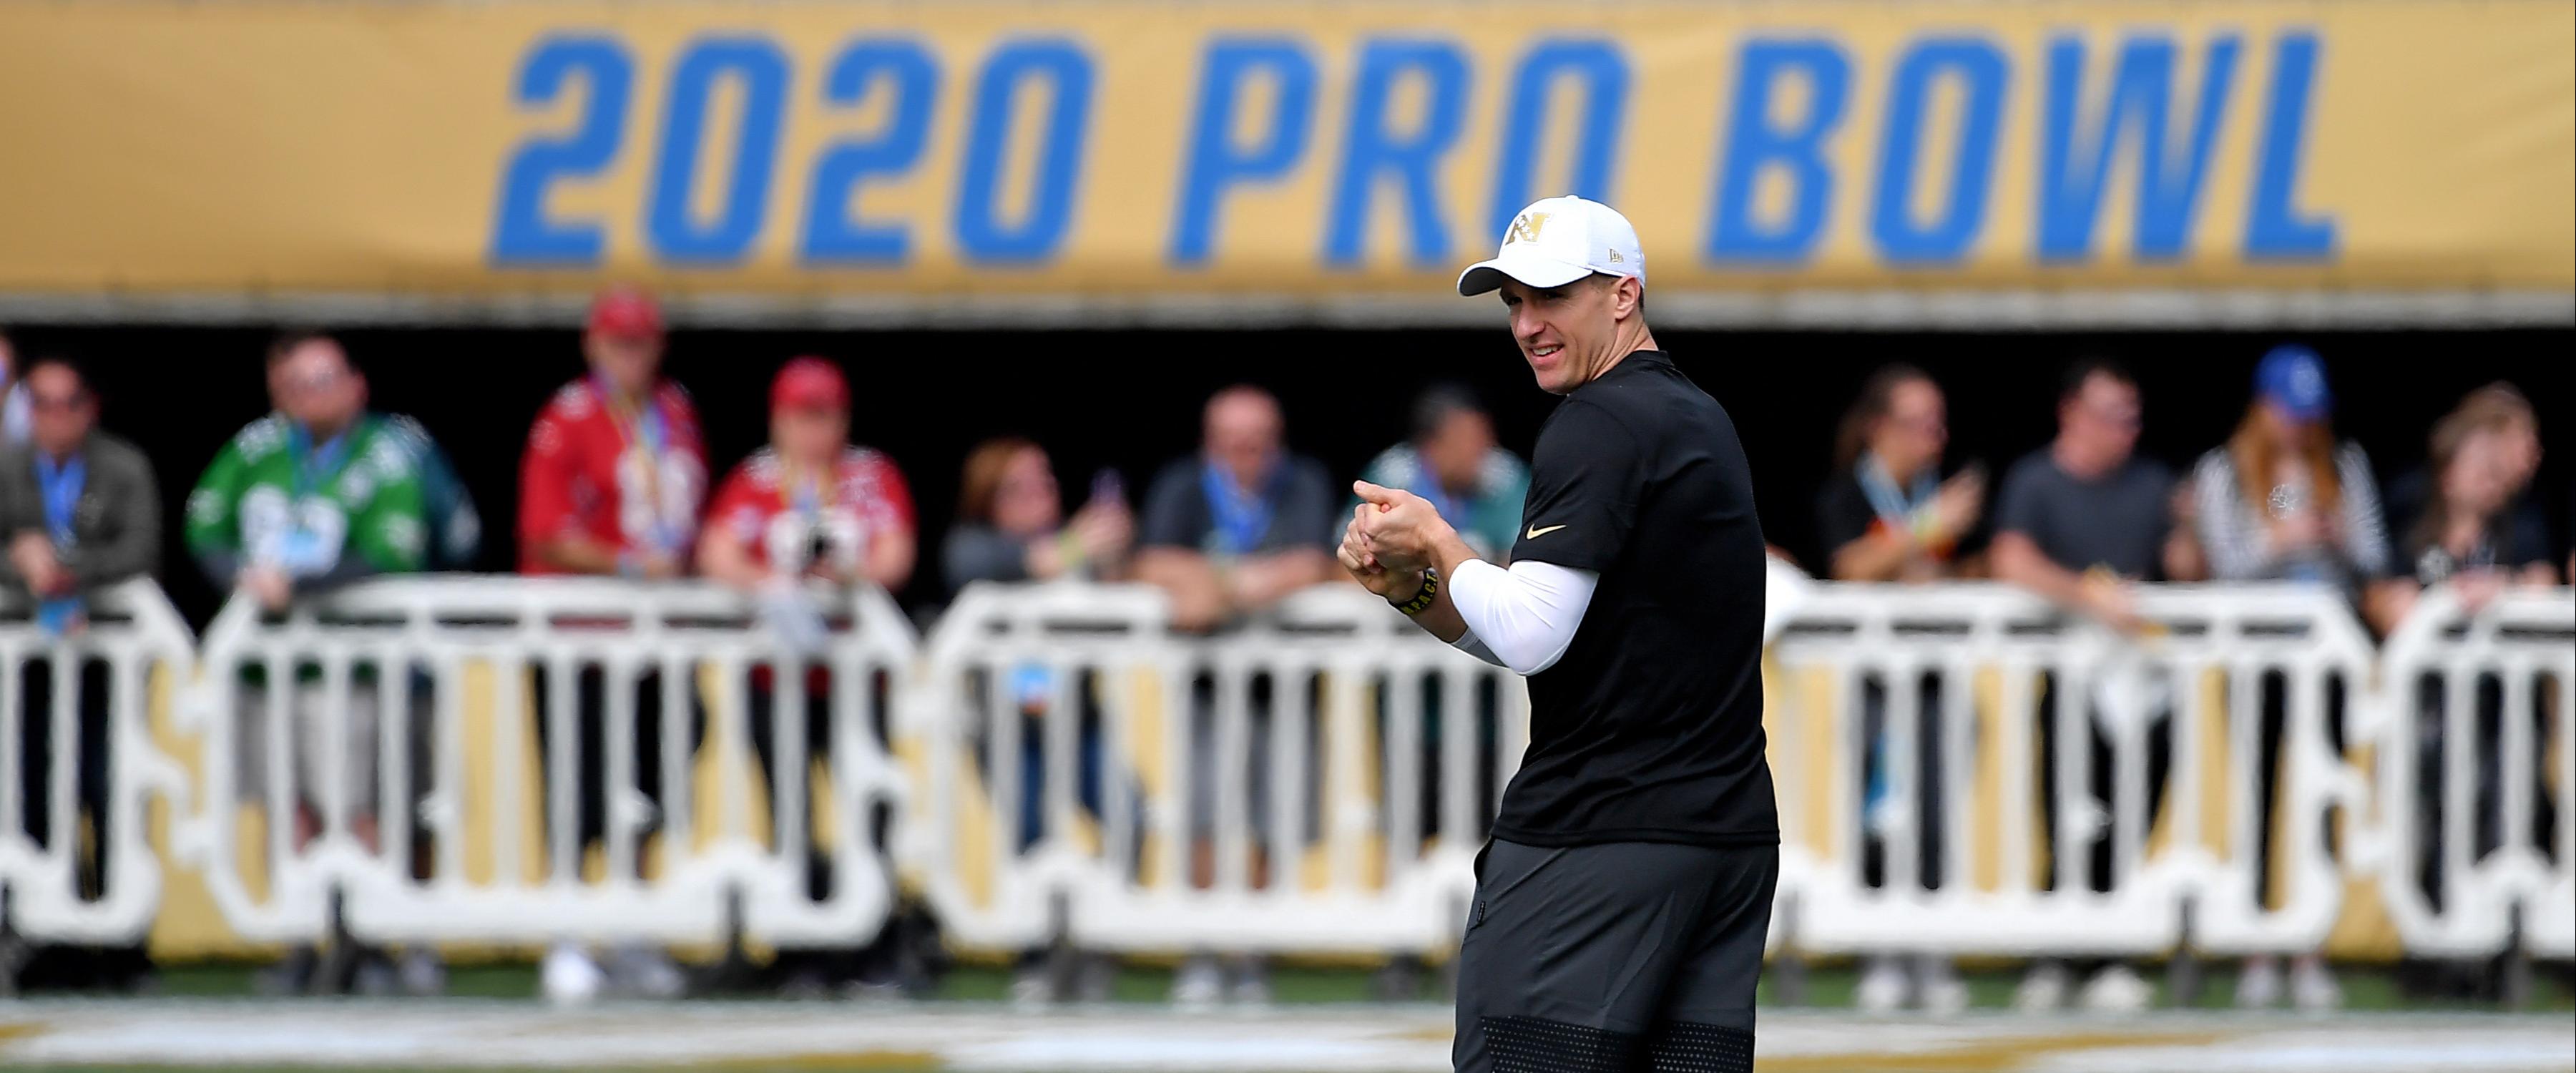 Holy smokes the 2021 virtual Pro Bowl sucked